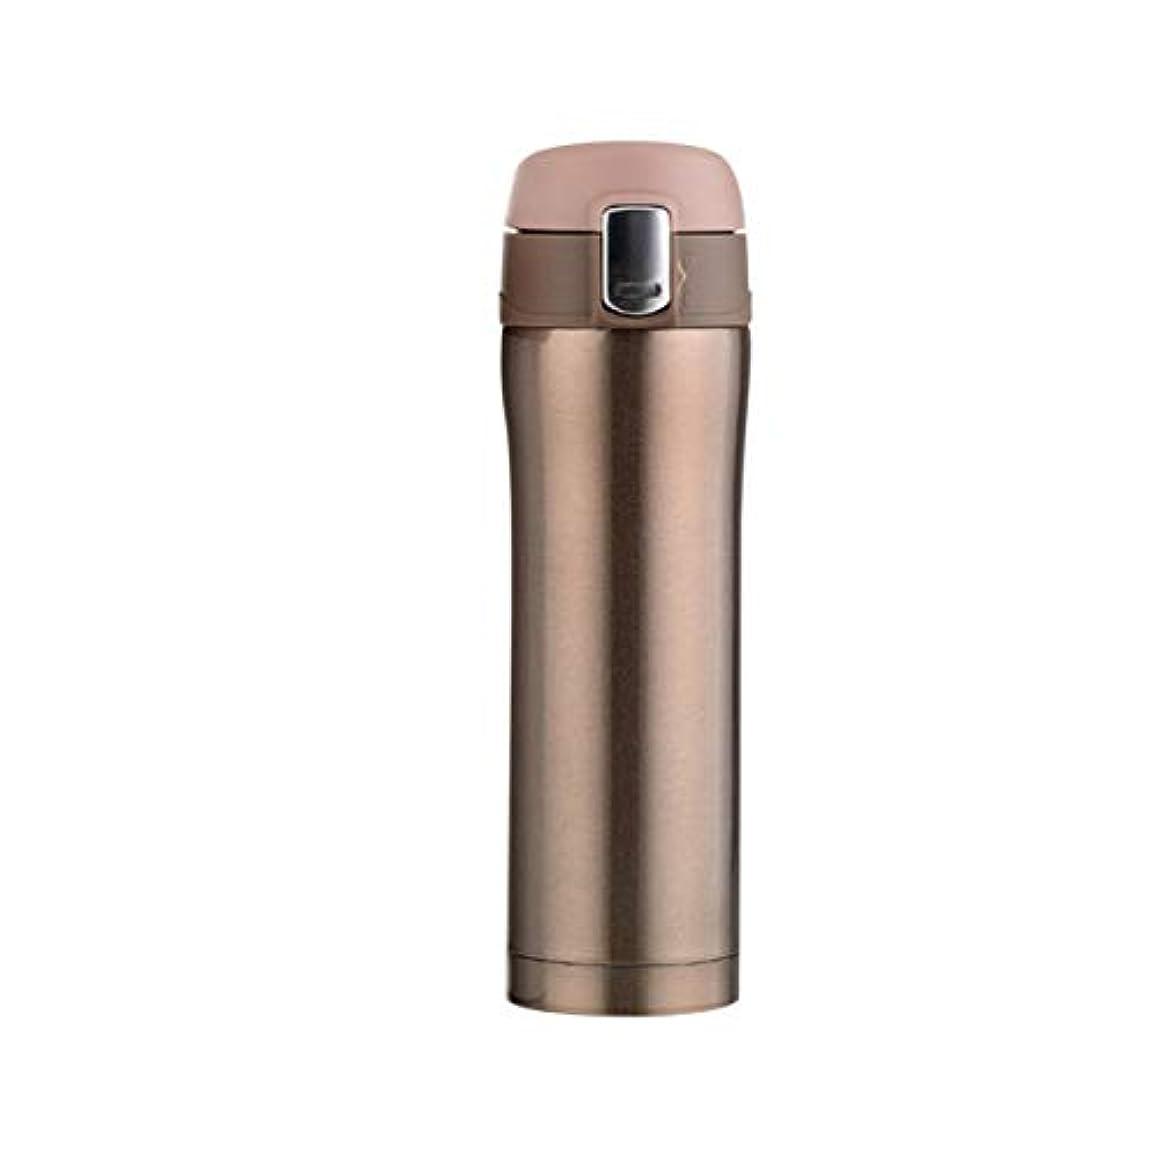 サッカー逃げる霜Saikogoods 500MLコンパクトサイズのステンレス鋼真空断熱ウォーターボトルメンズ?レディース?オフィス旅行カー水マグボトルドリンク ゴールド